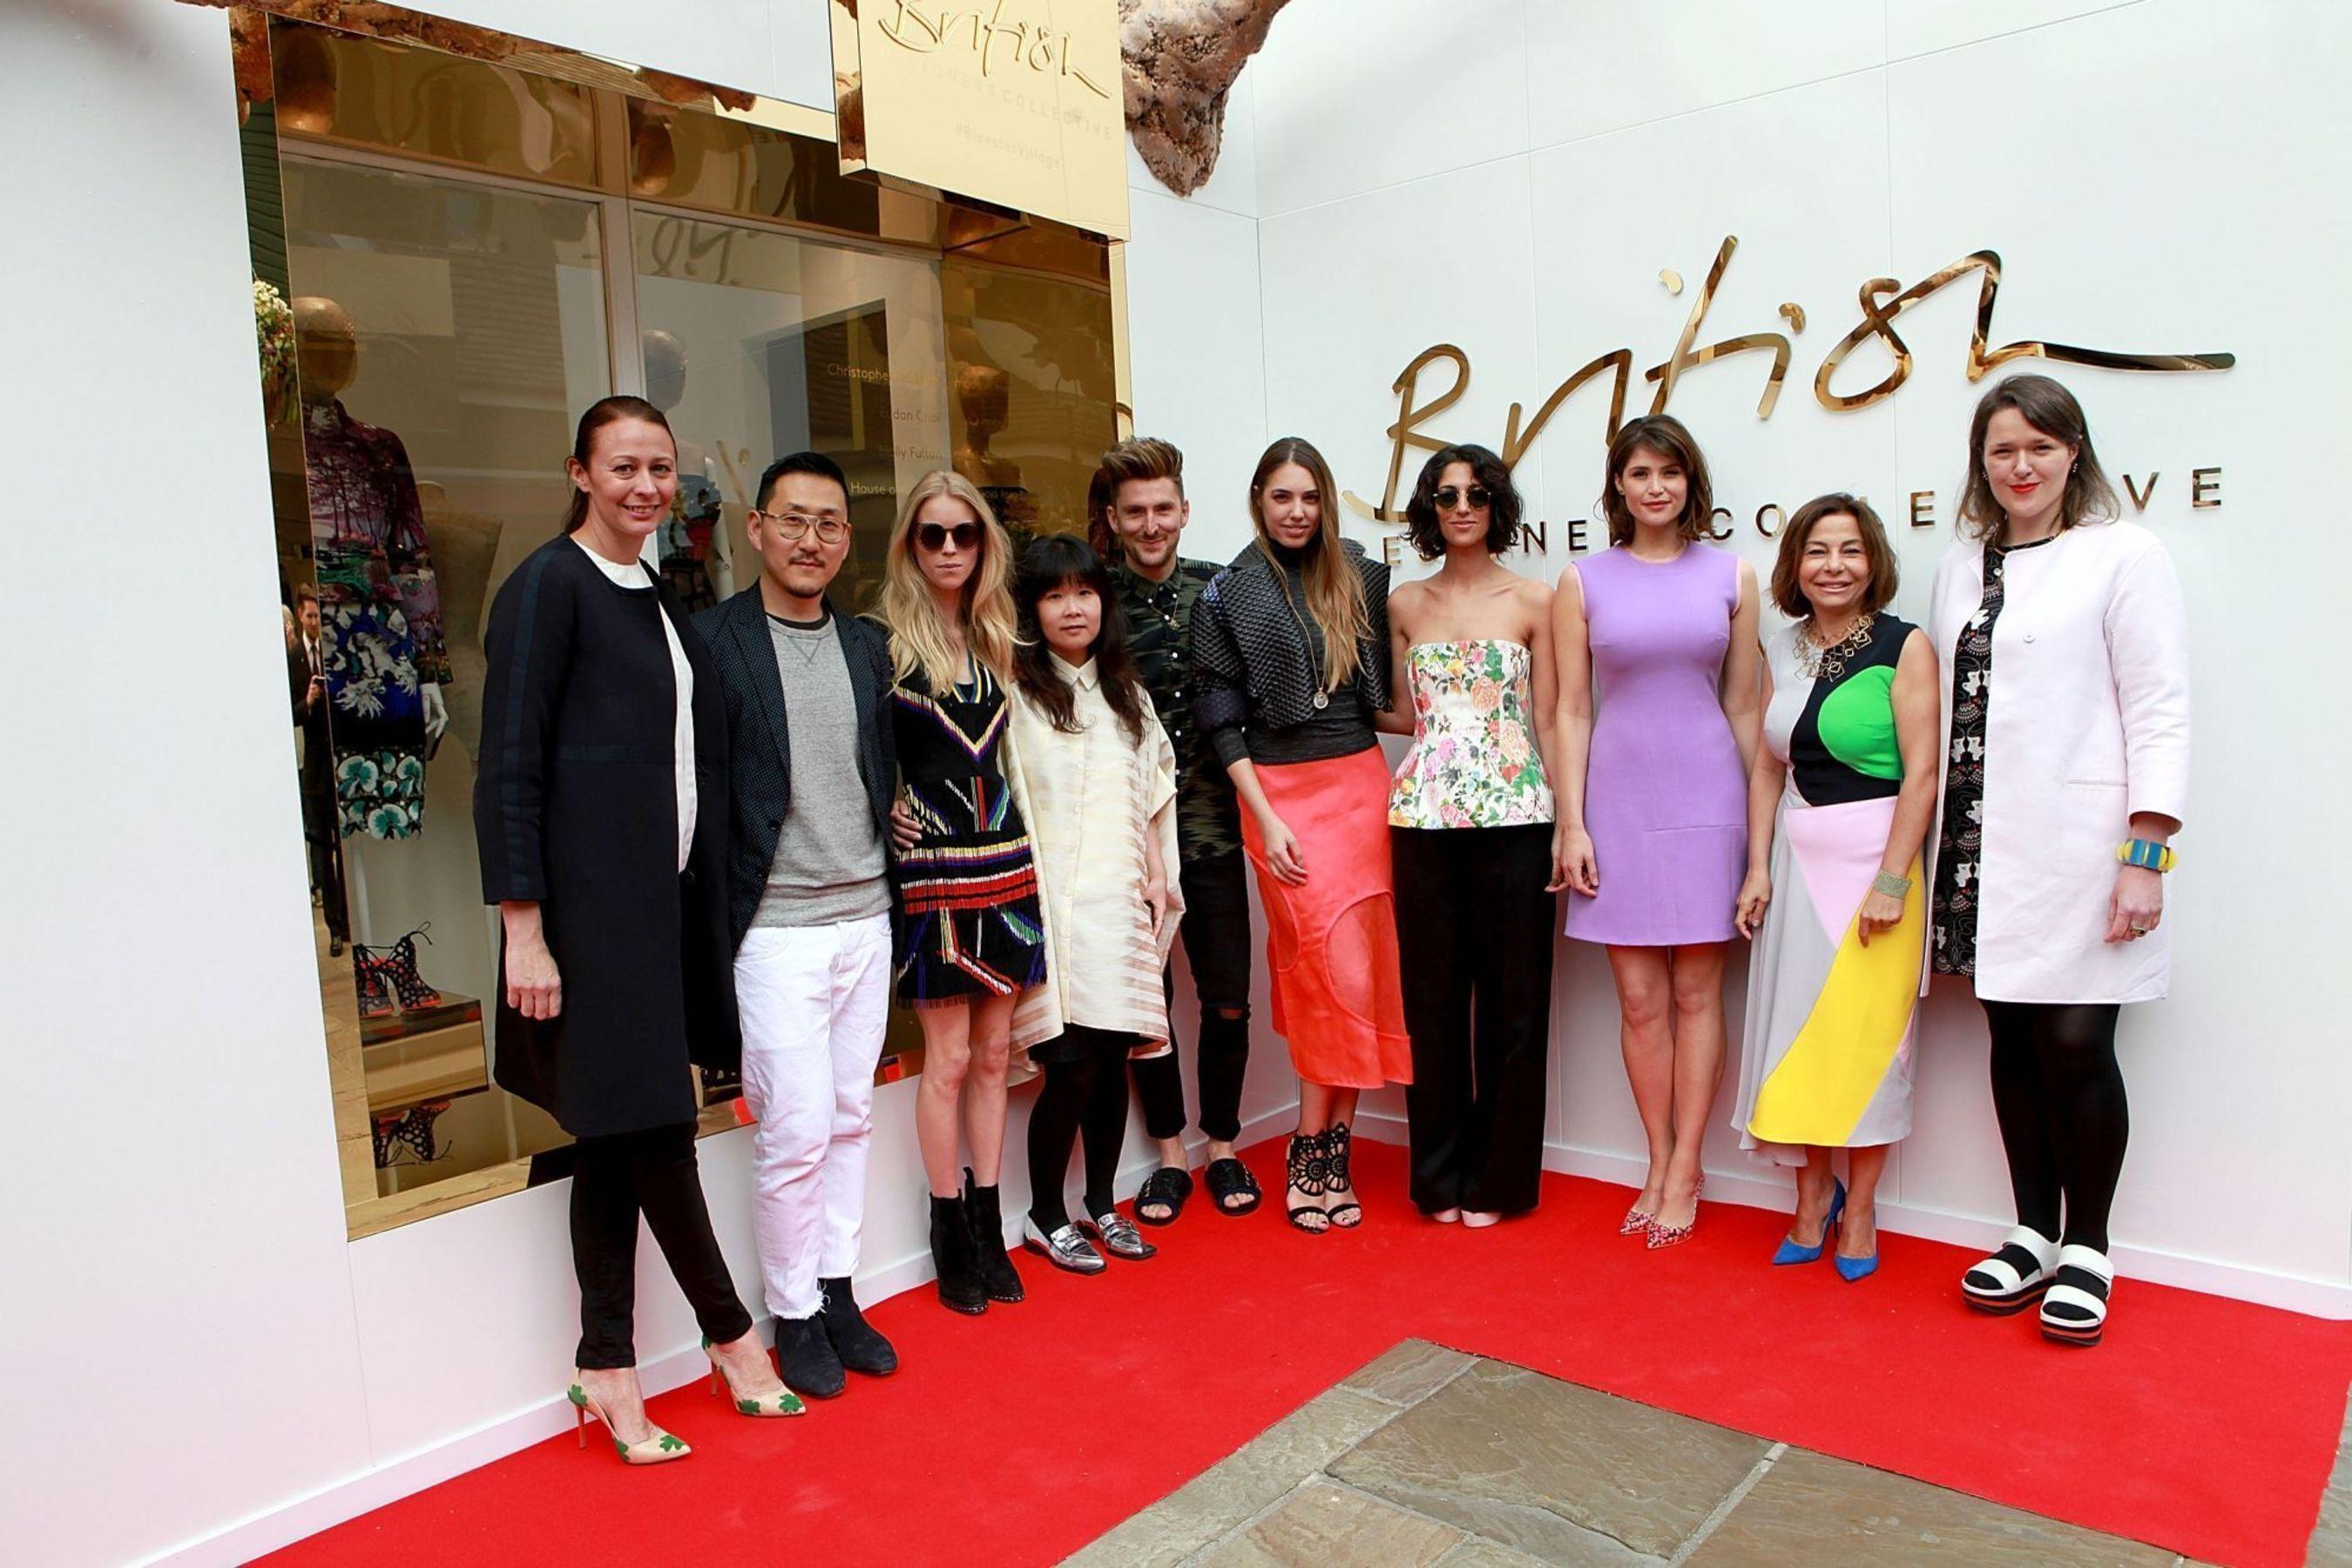 Campanha 'Best of British' da Bicester Village é lançada com a inauguração da British Designers'